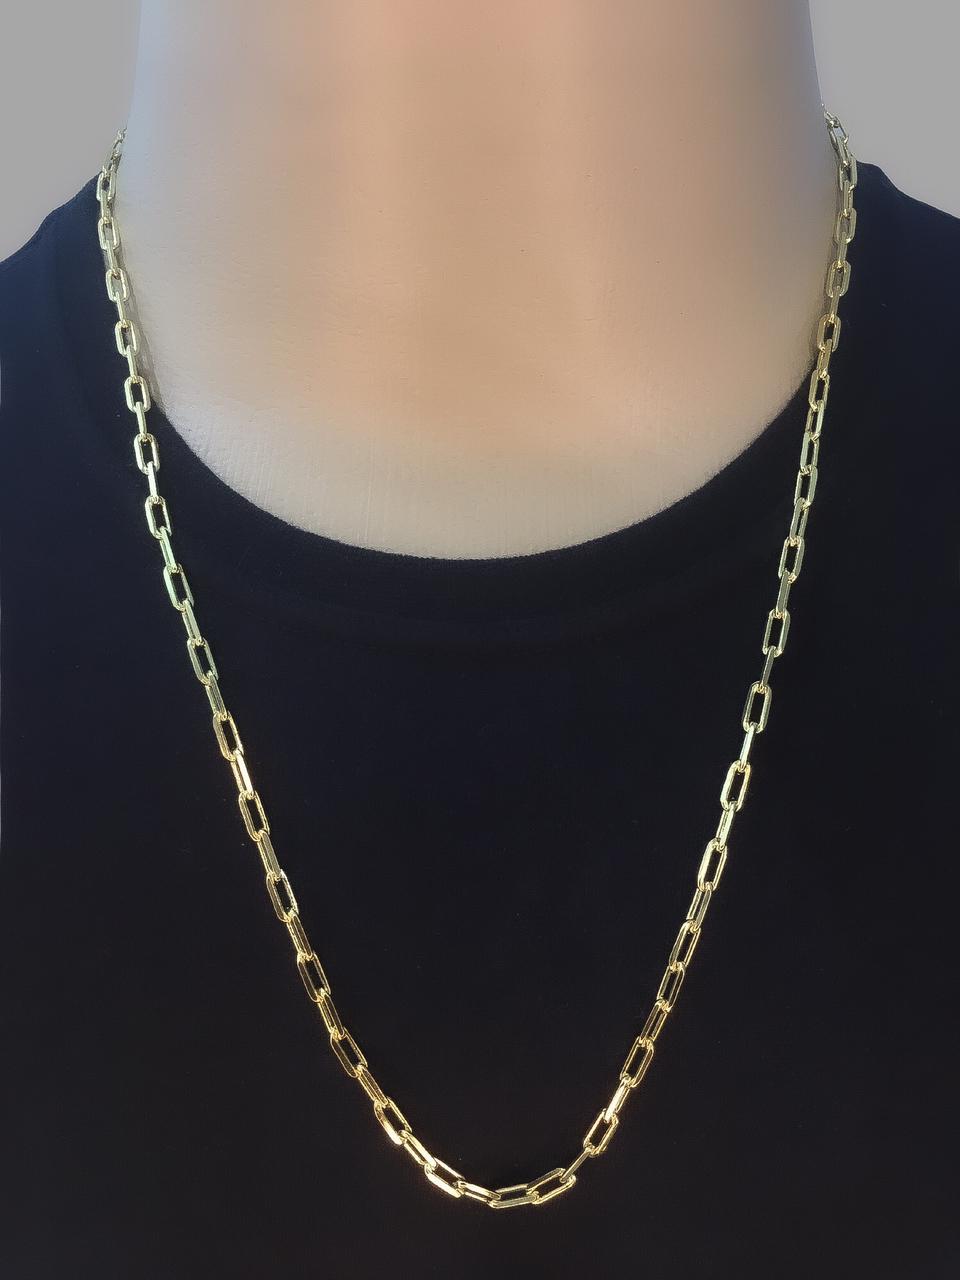 Corrente cartie -  4 milímetros - 70 Centímetros - fecho Canhão  - Banhado a ouro 18 k